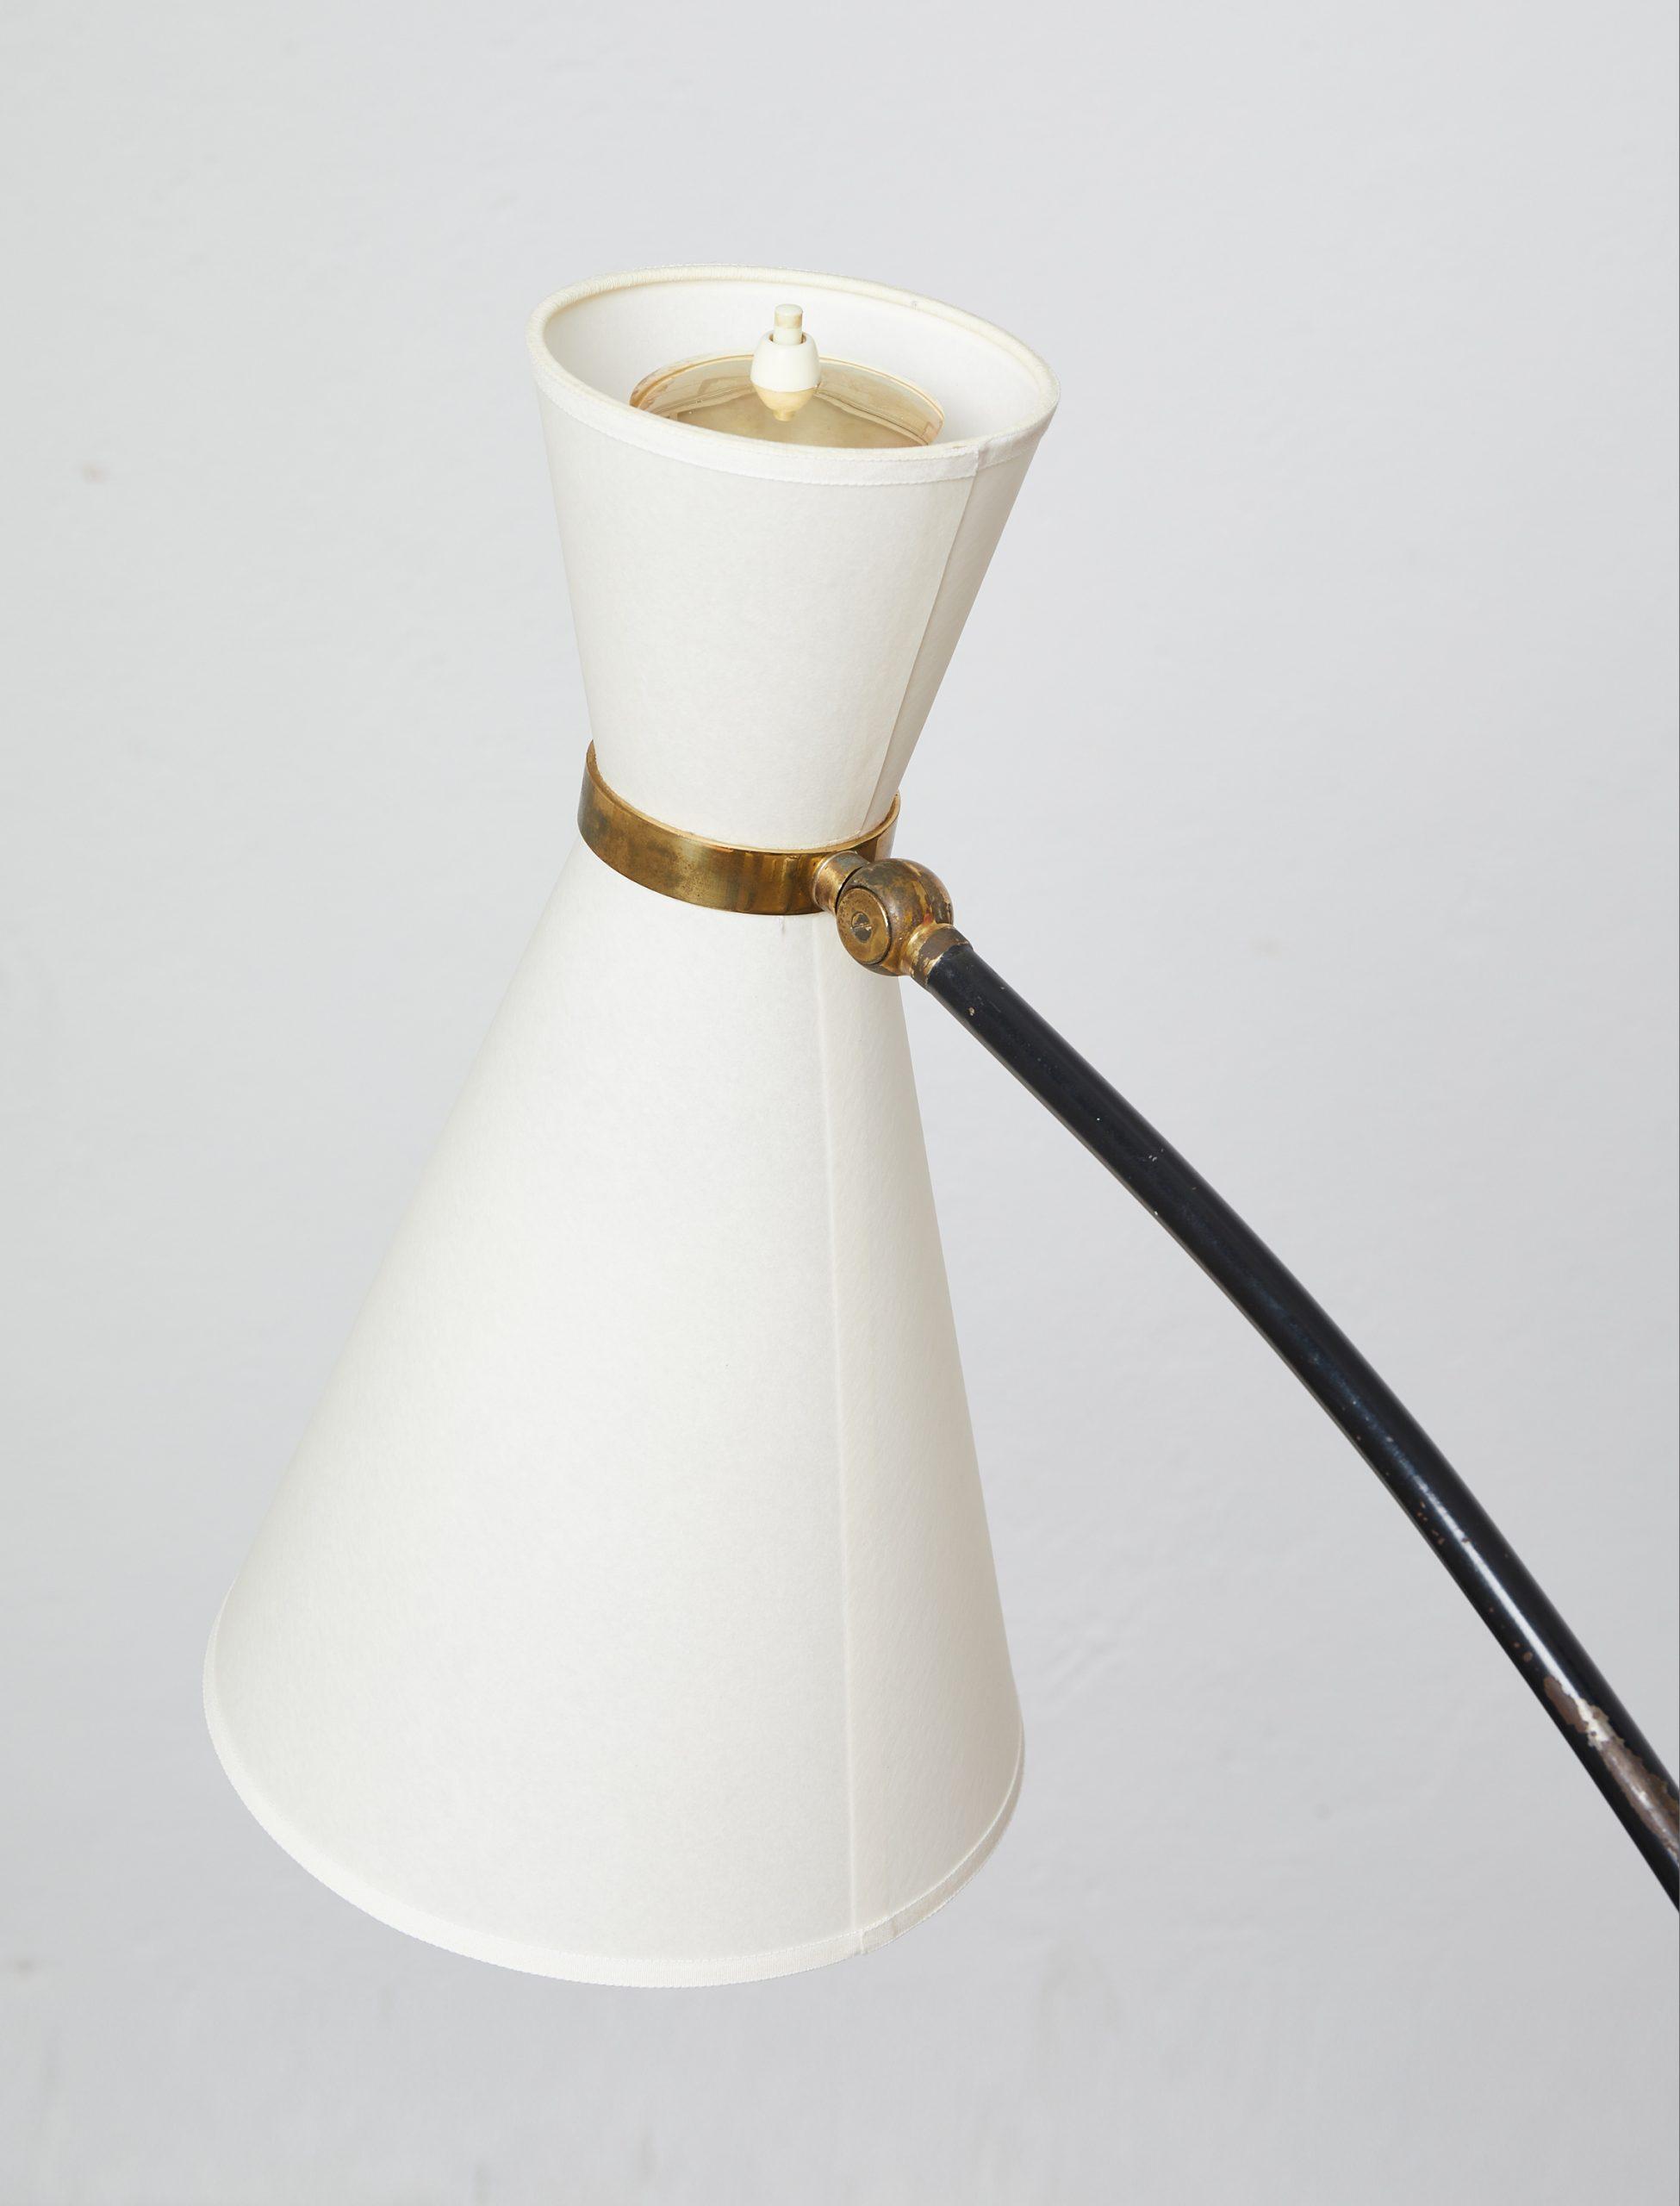 lampe-de-sol-a-deux-bras-suisse-1950-ca-image-04